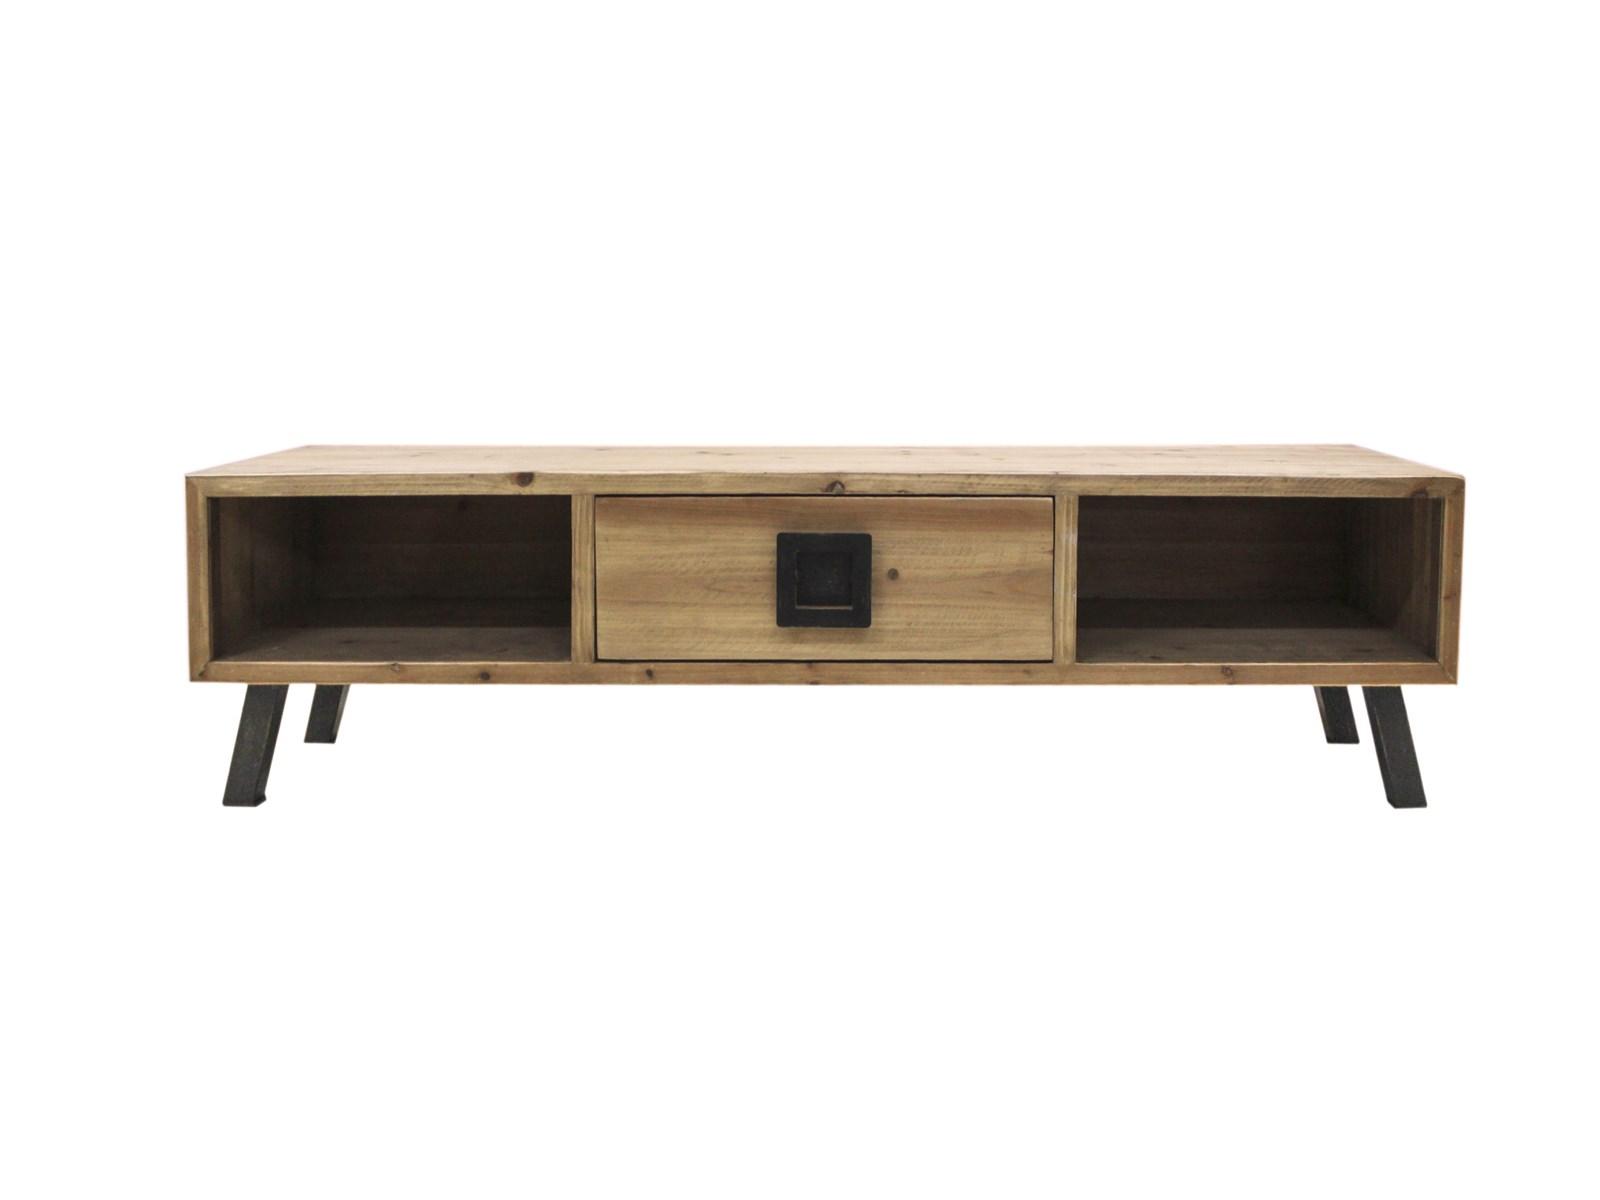 31901-mueble-tv-madera-metal-negro-1.jpg